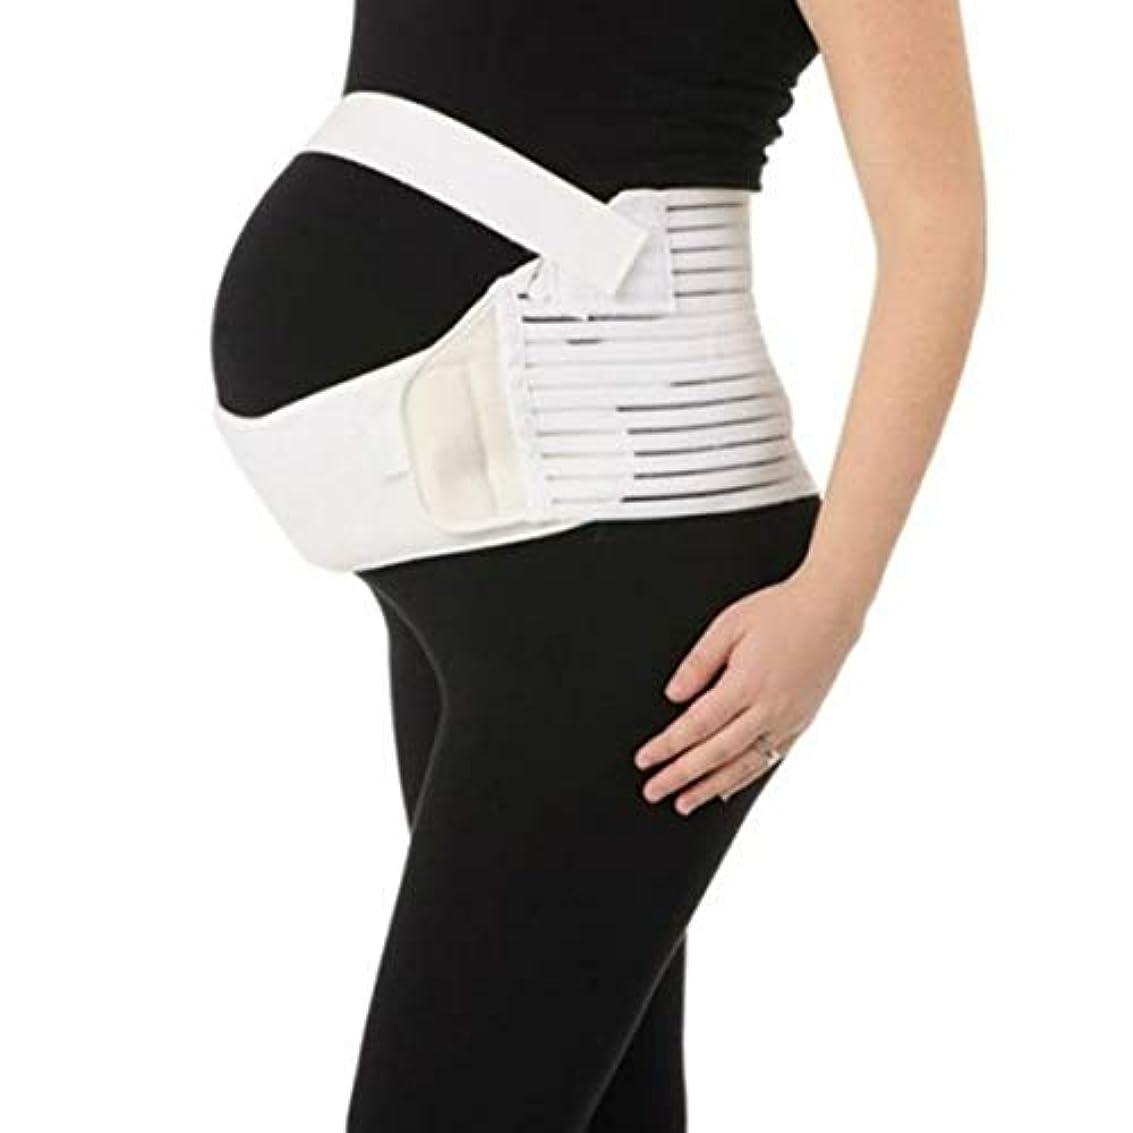 恥ずかしさ乏しいうねる通気性マタニティベルト妊娠腹部サポート腹部バインダーガードル運動包帯産後回復形状ウェア - ホワイトXL